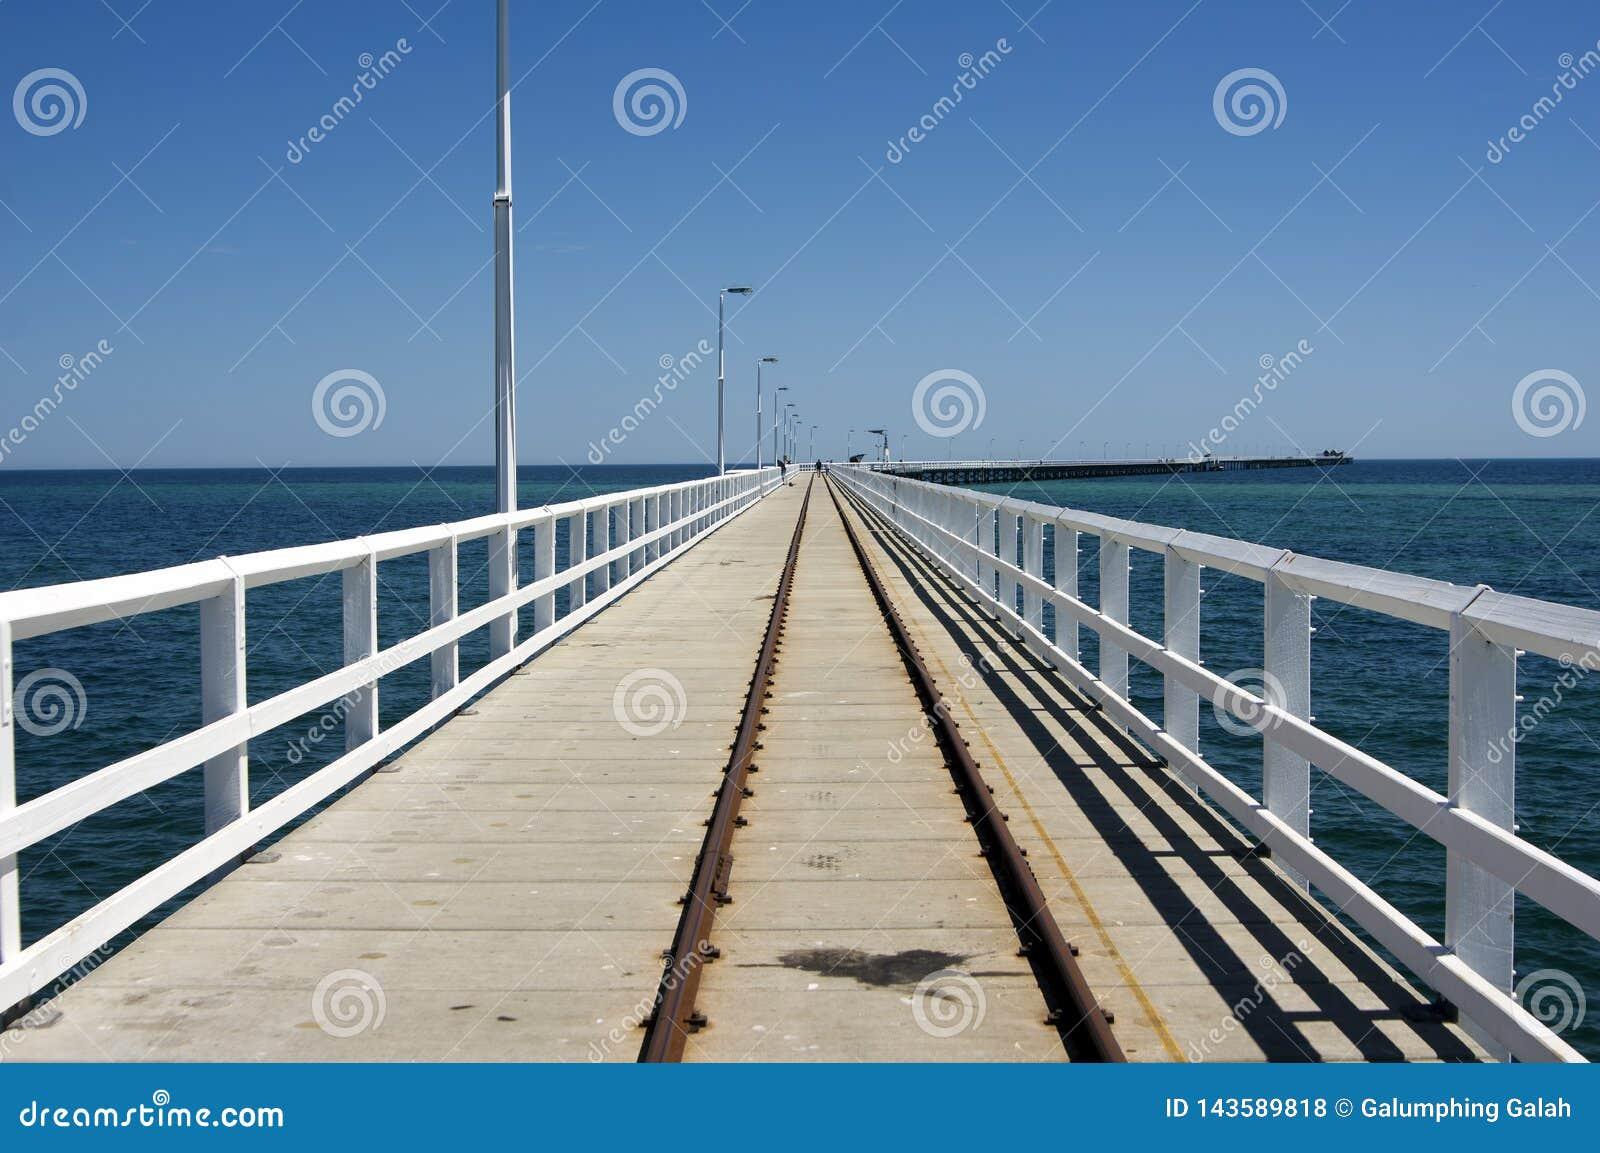 Train tracks on Busselton Jetty, WA, Australia.  Longest jetty in the southern hemisphere.